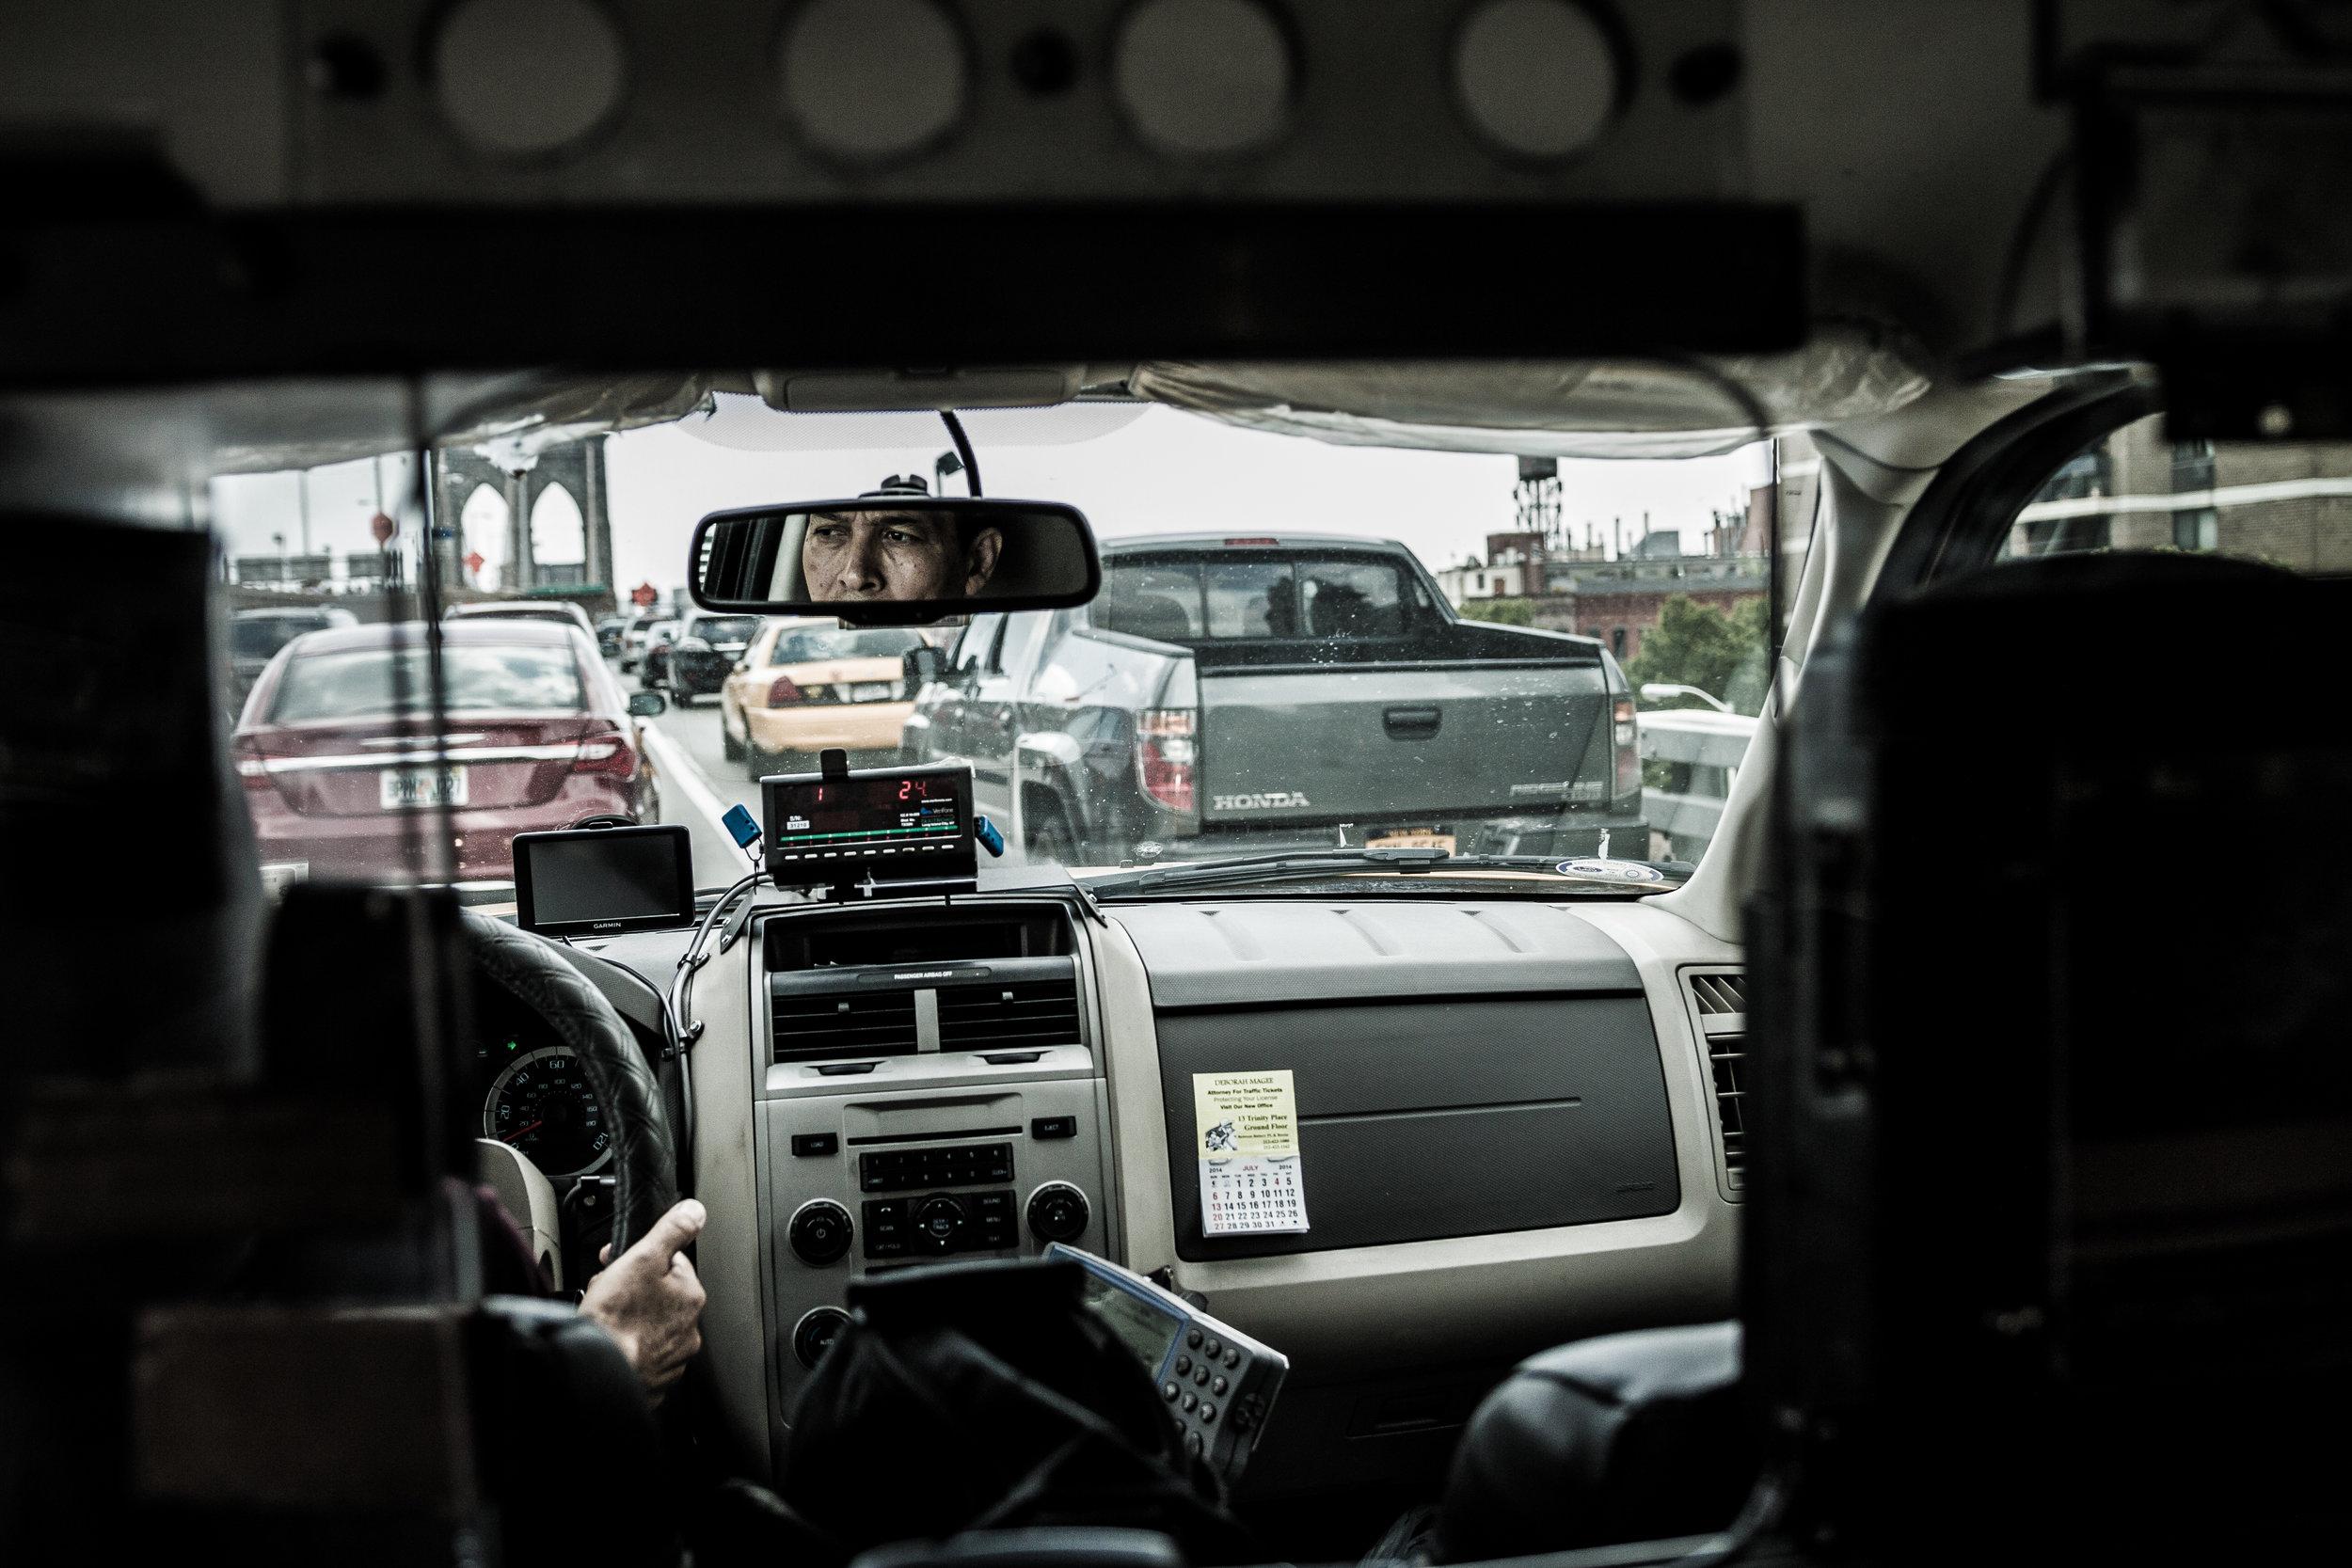 NYC-TaxiDriverBKBridgeRearview-73114-1.jpg